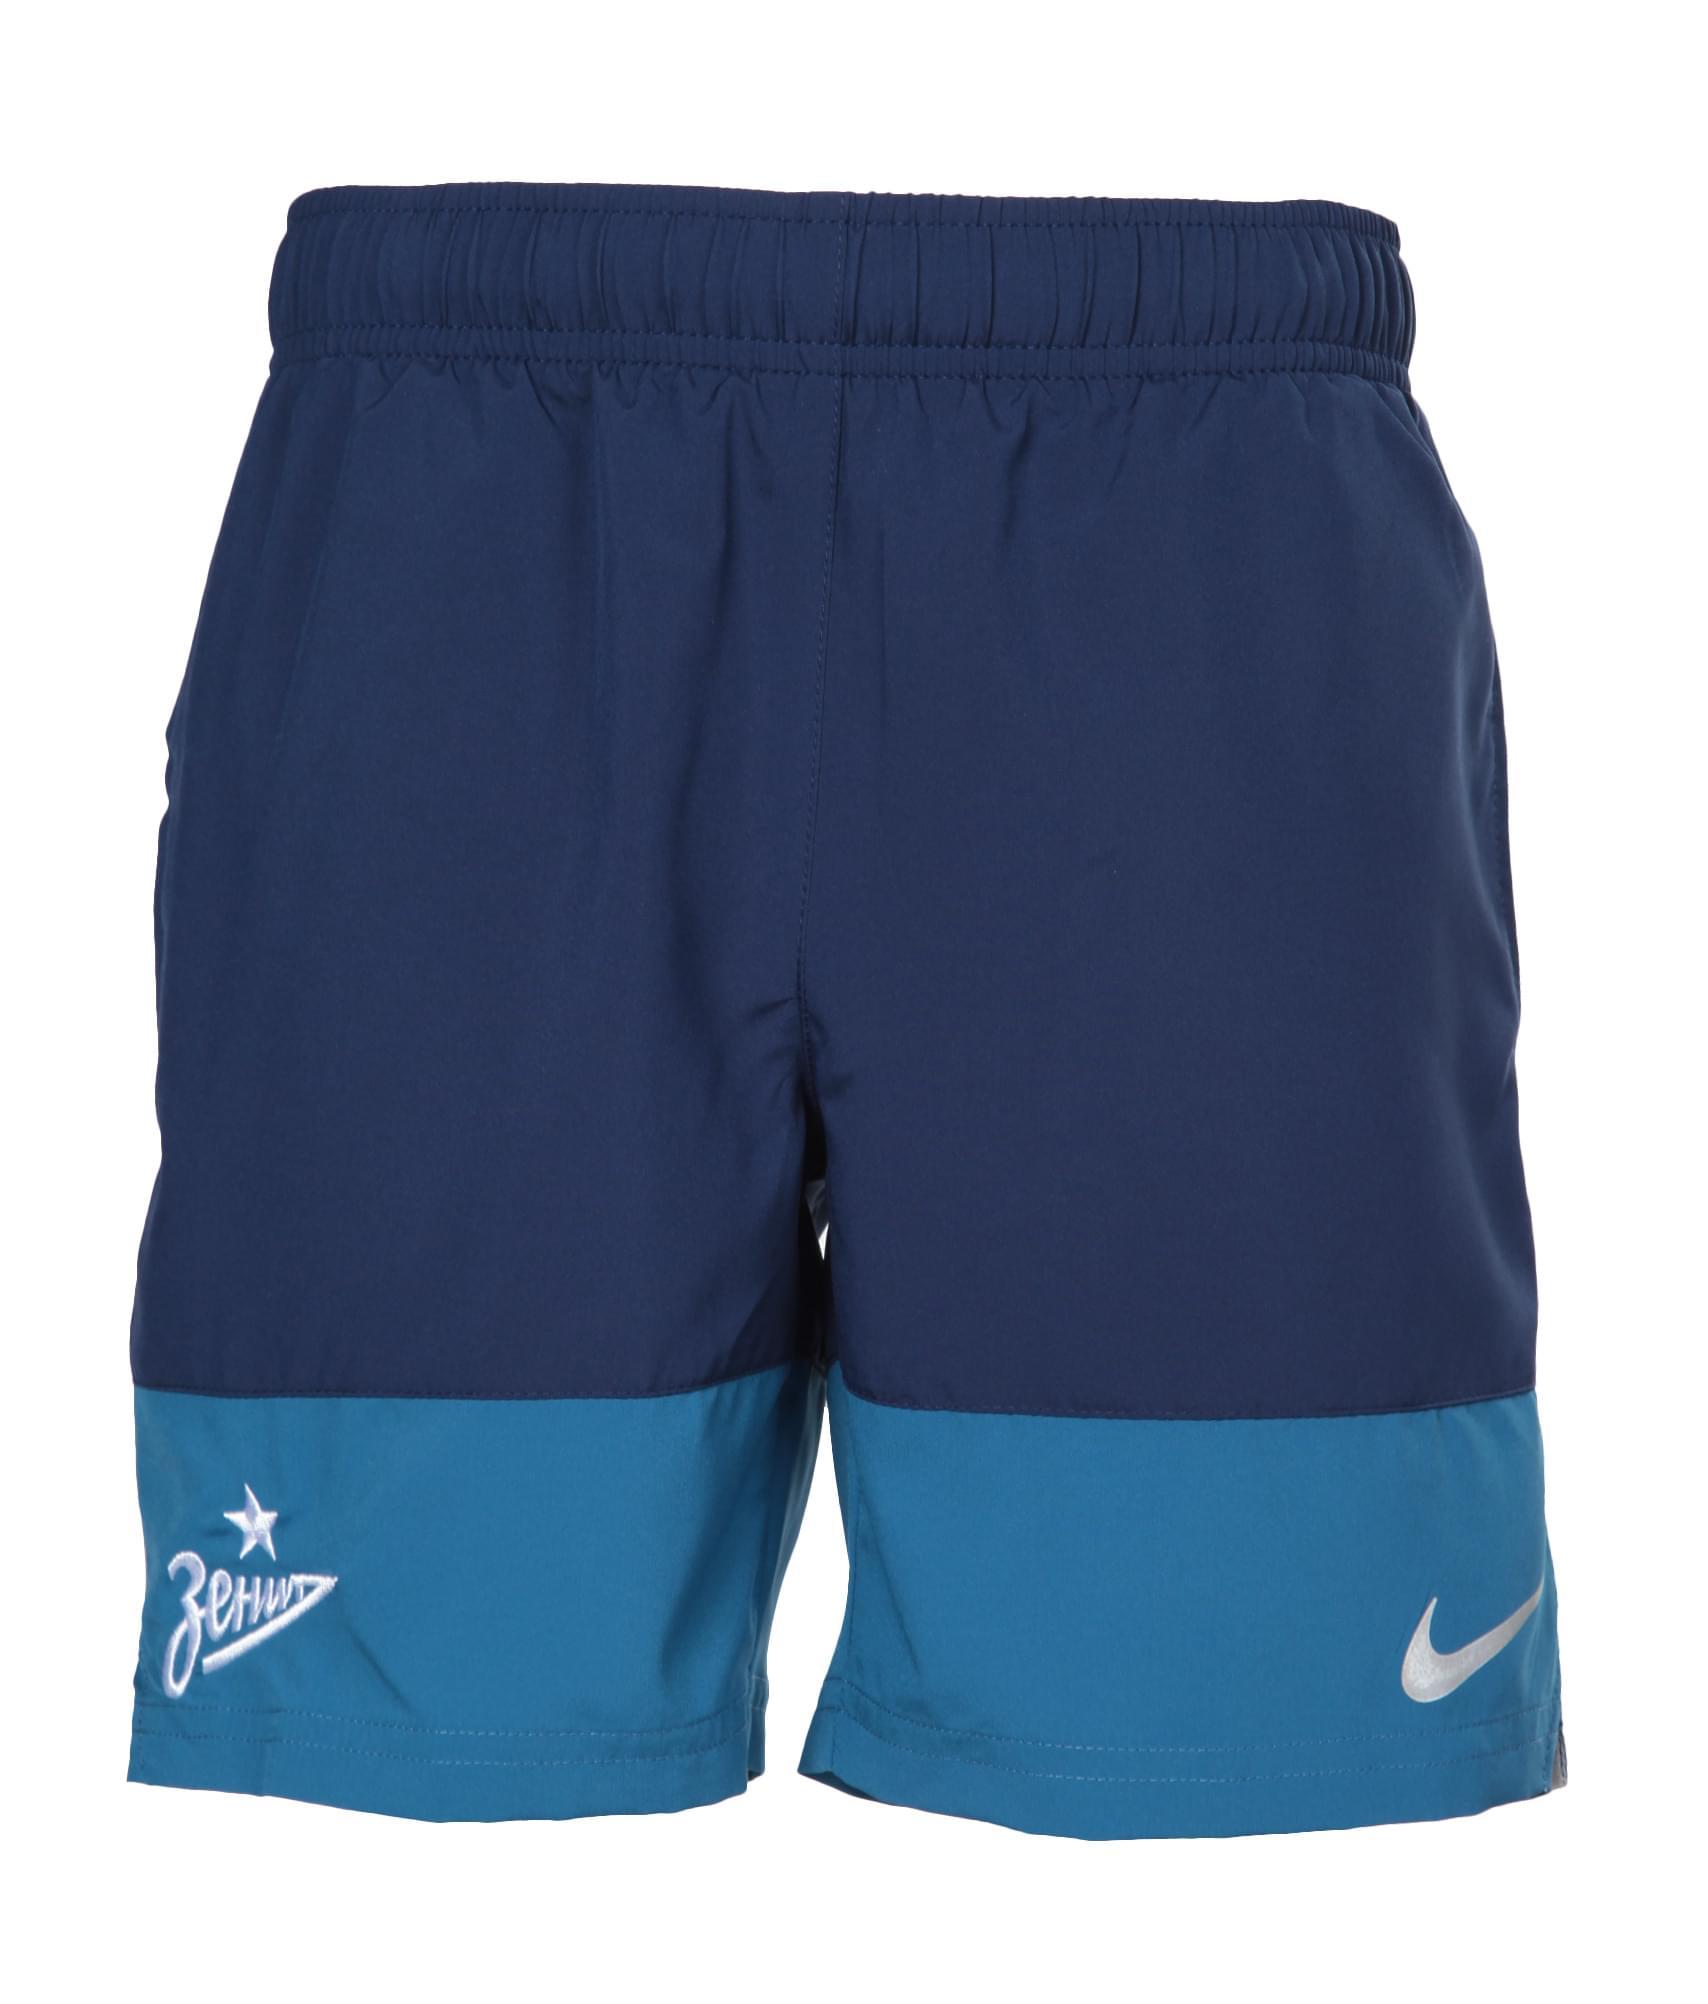 купить Шорты подростковые Nike, Цвет-Синий, Размер-S дешево